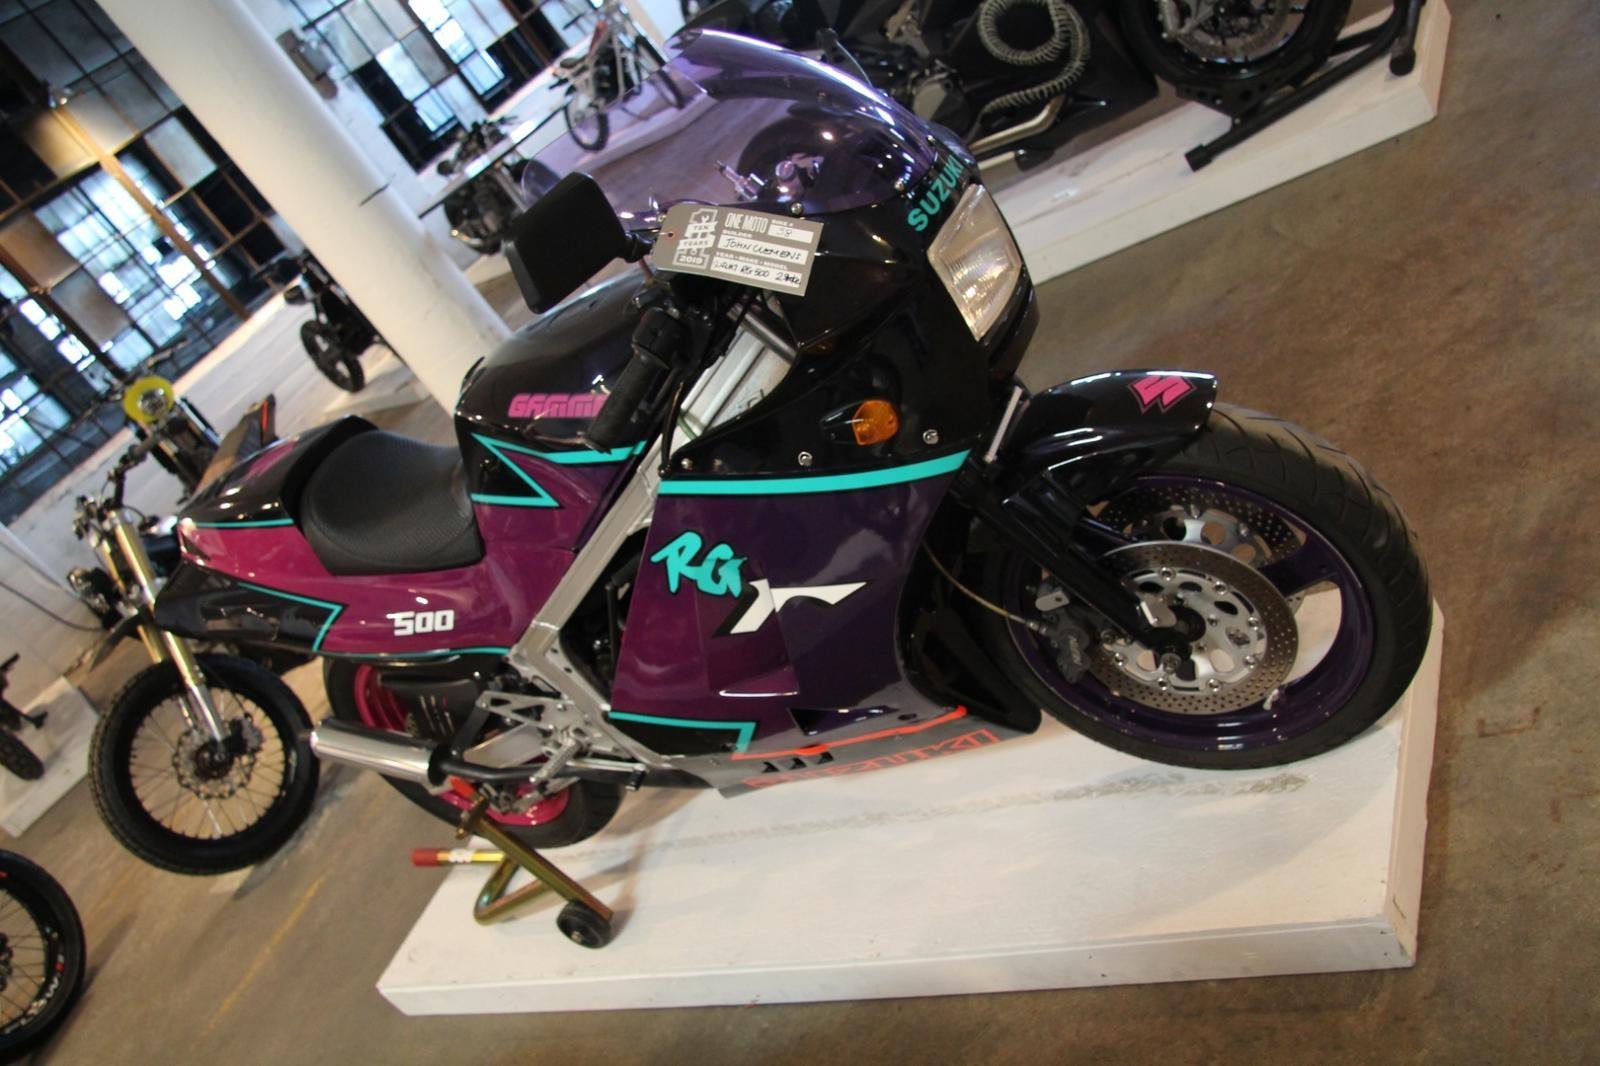 Chiêm ngưỡng những mẫu mô tô cực độc ở triển lãm Portland 2019 - 32